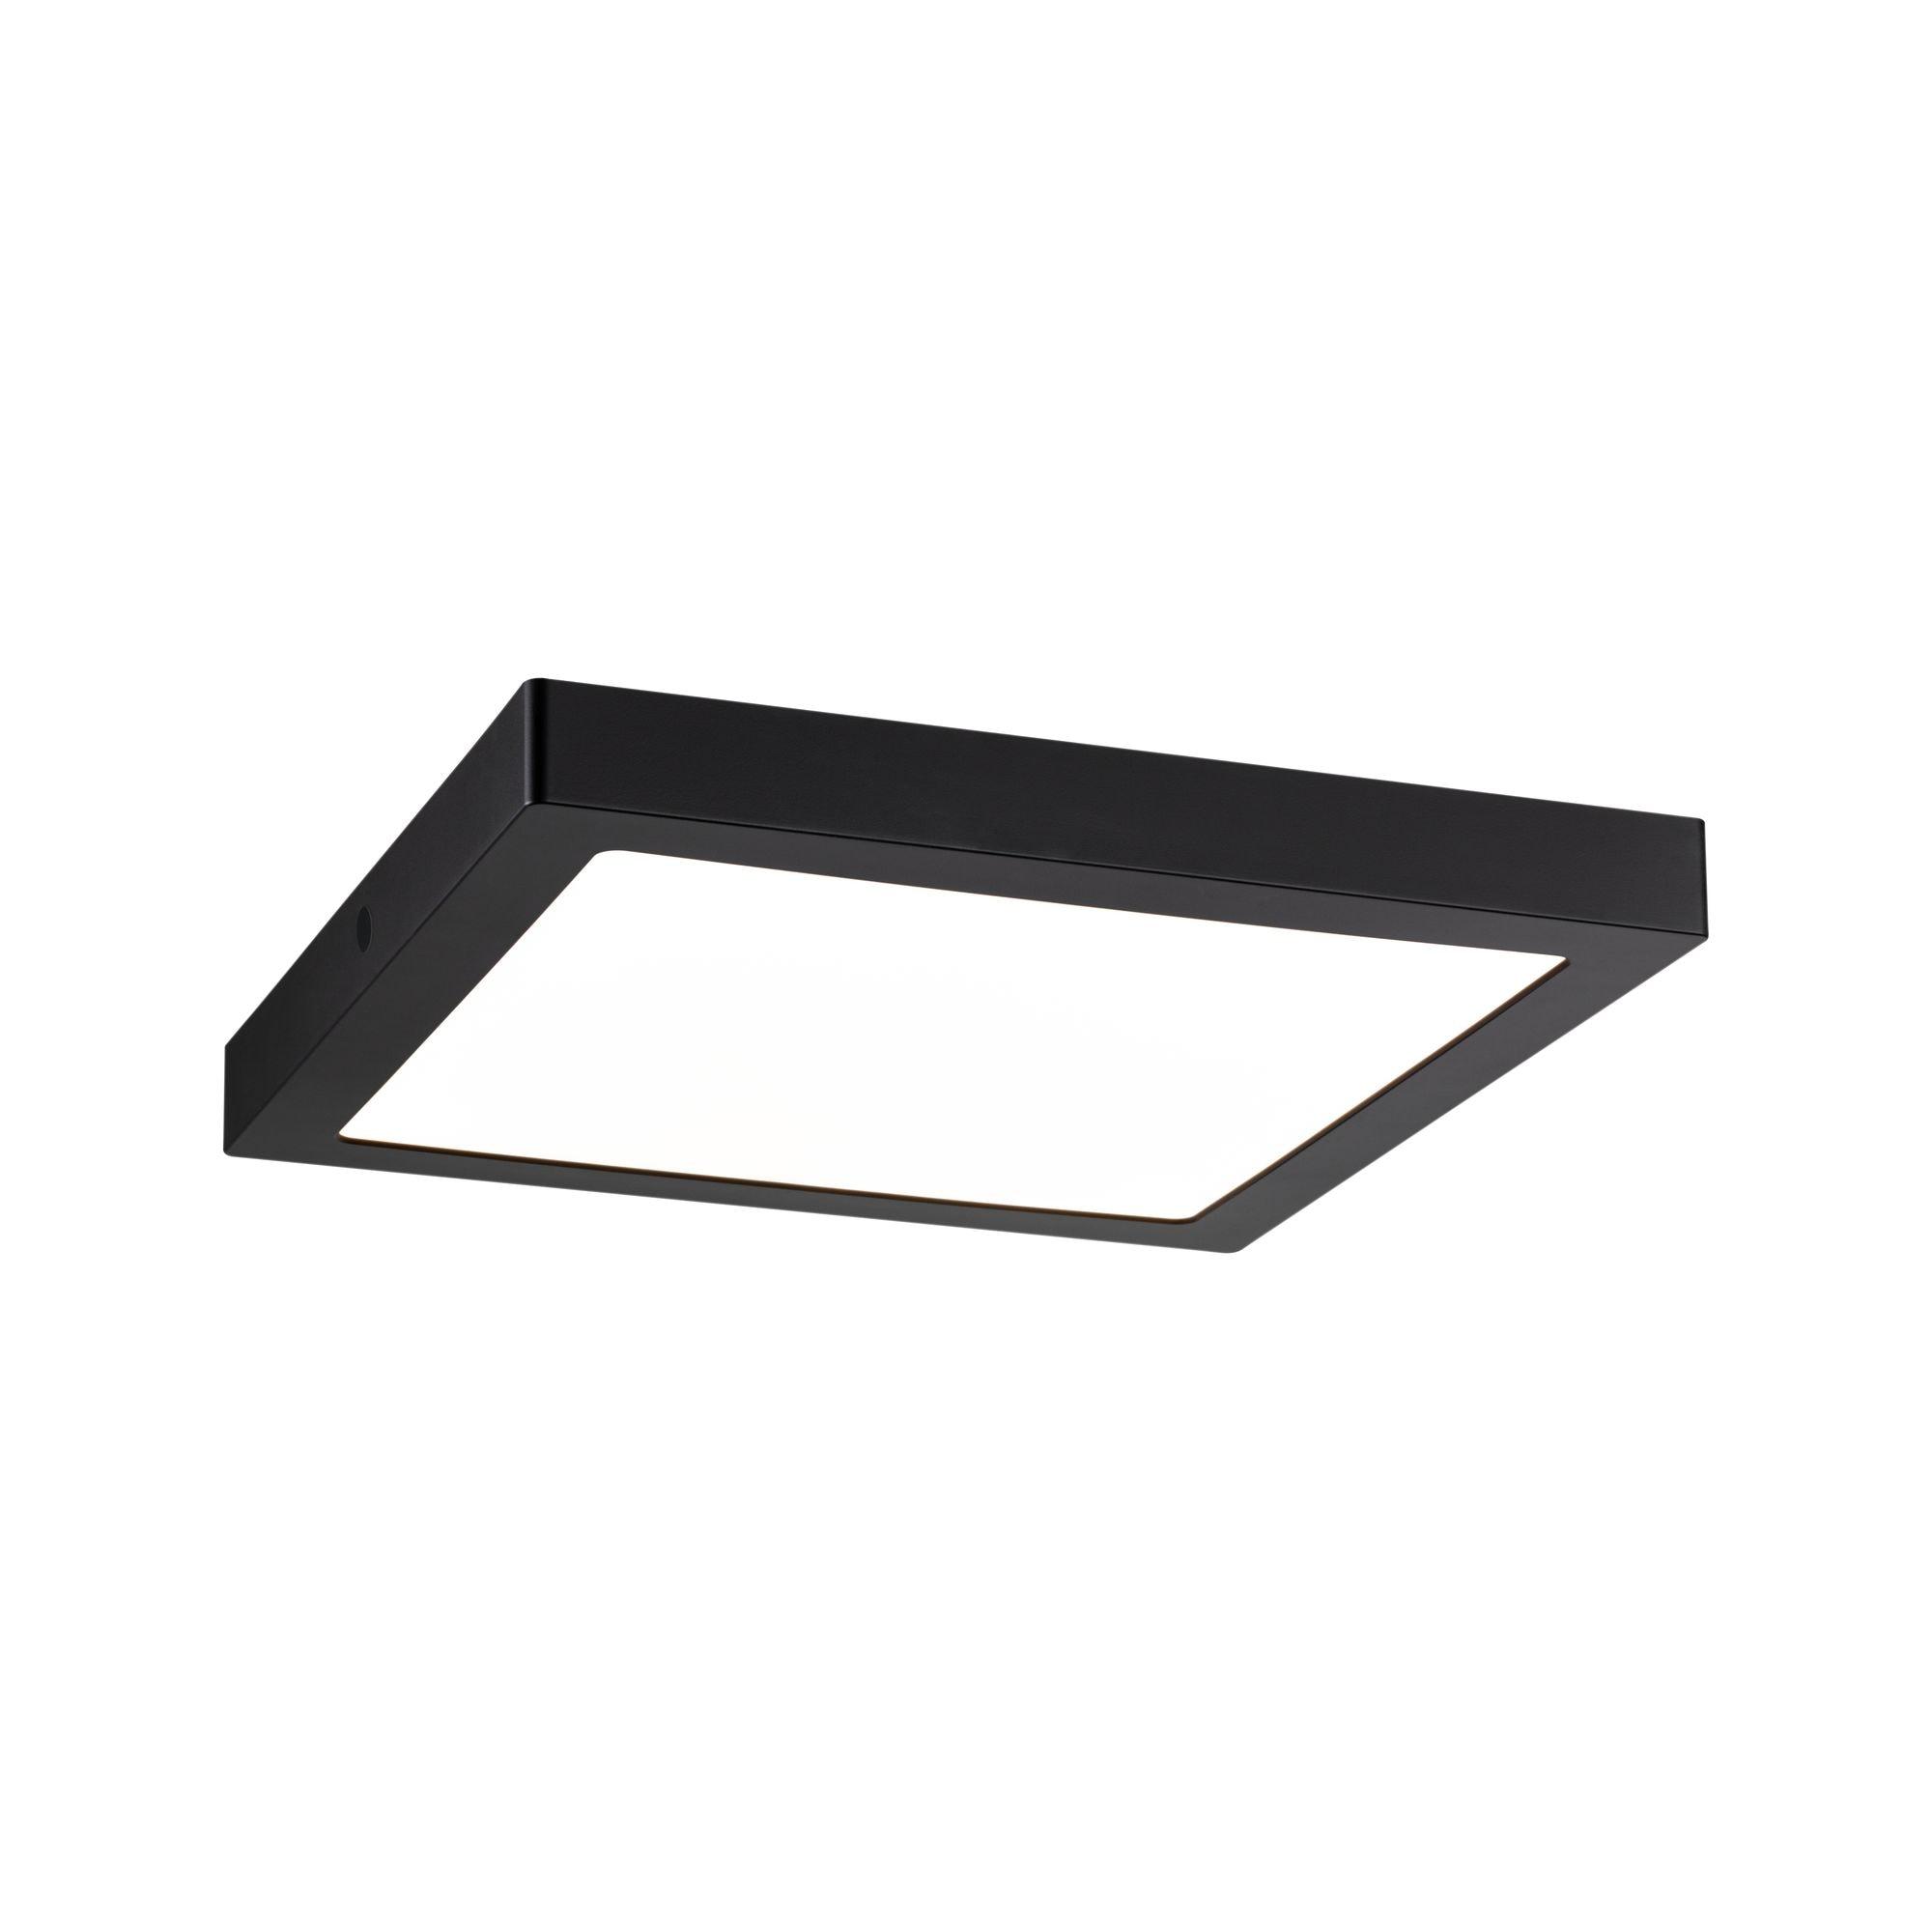 Paulmann LED Deckenleuchte Panel Abia eckig 300x300mm 22W 2.700K Schwarz matt, 1 St., Warmweiß